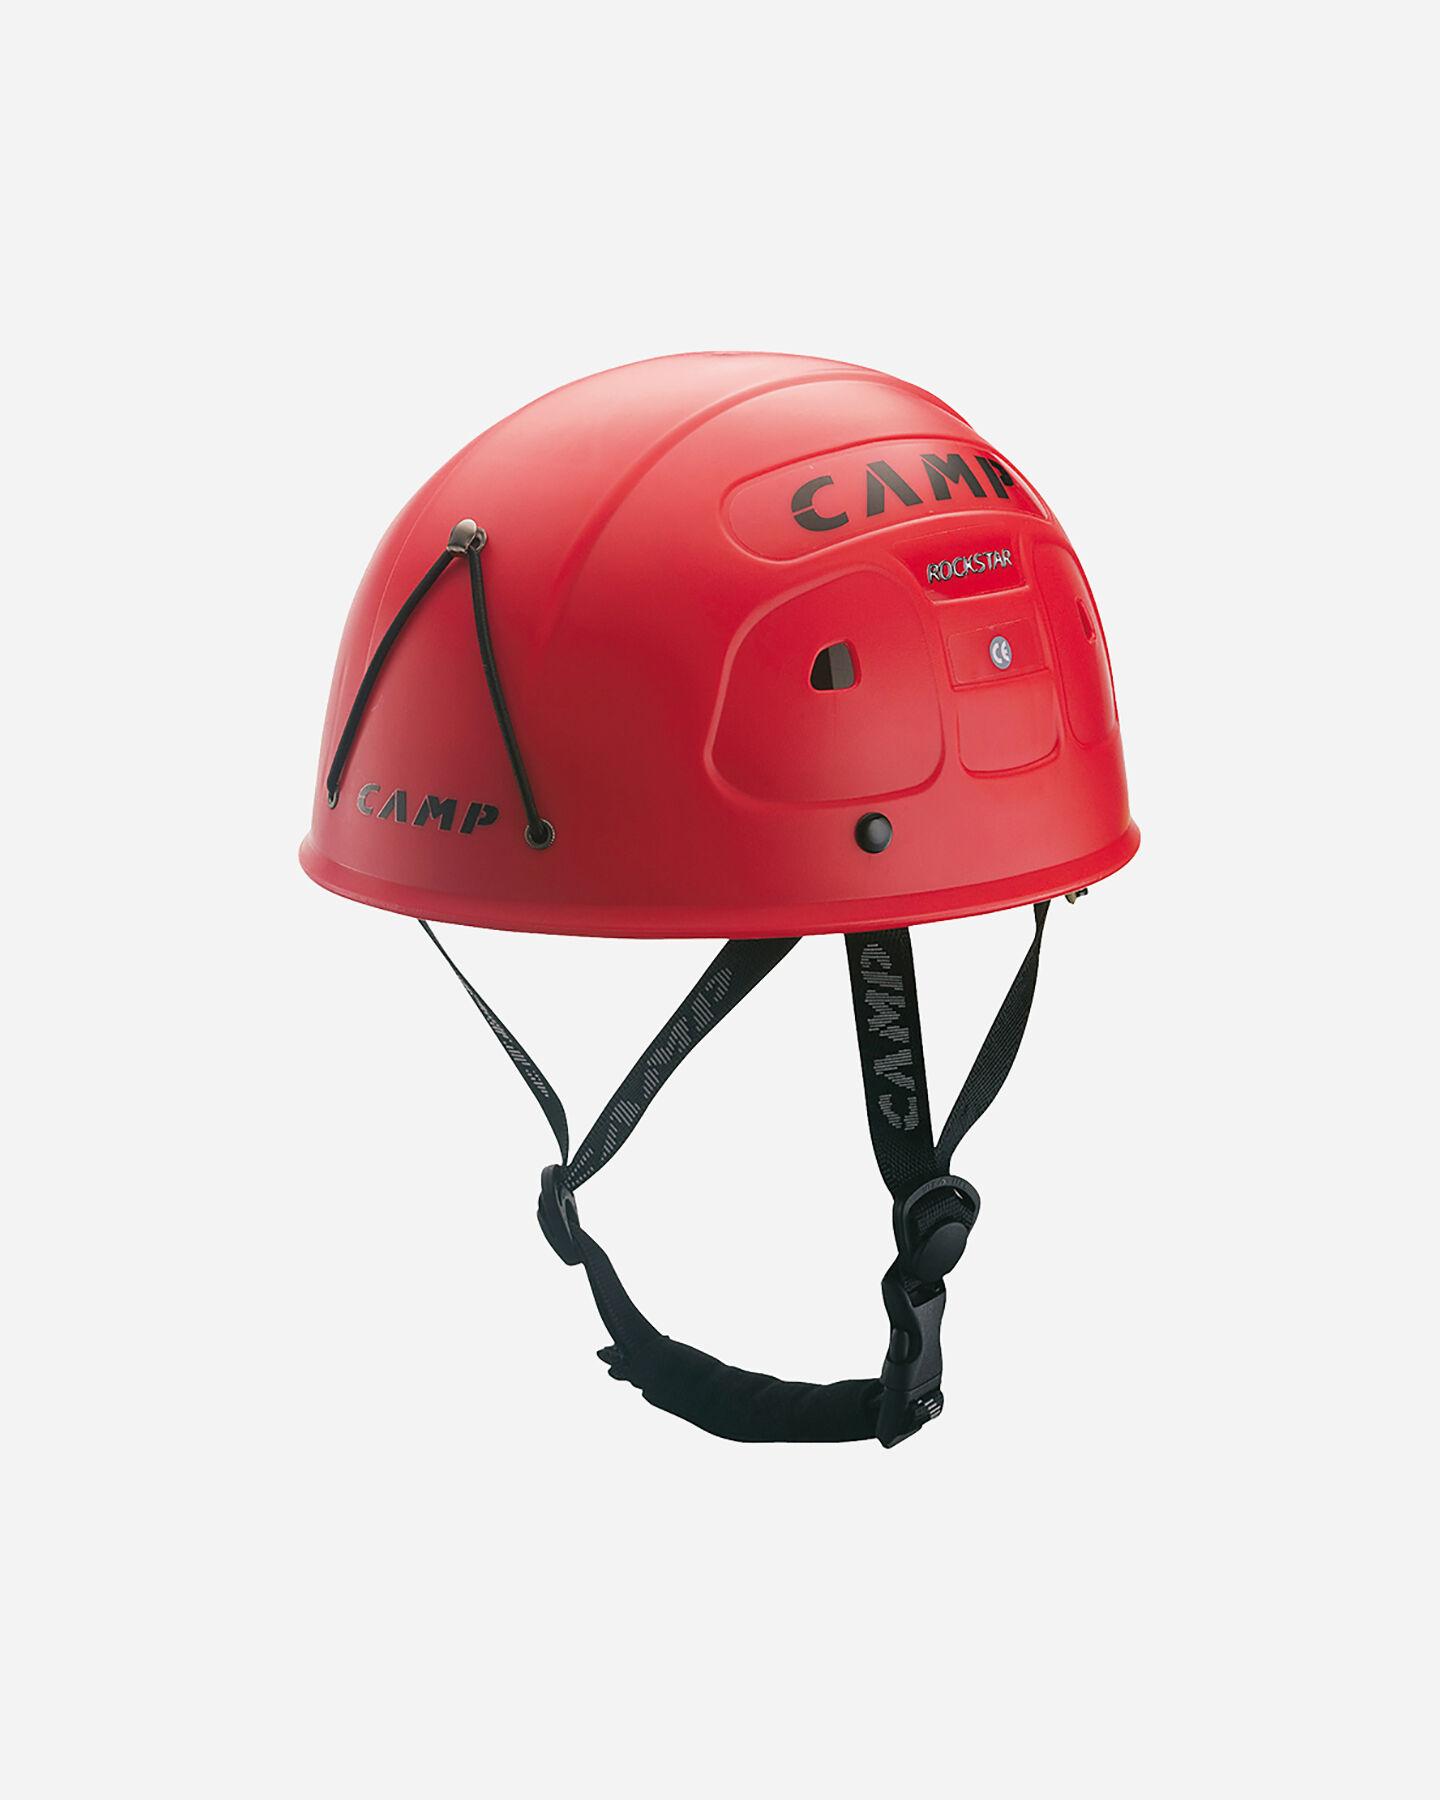 Casco alpinismo CAMP CASCO CAMP ROCK STAR 202.01 S0009957 scatto 0